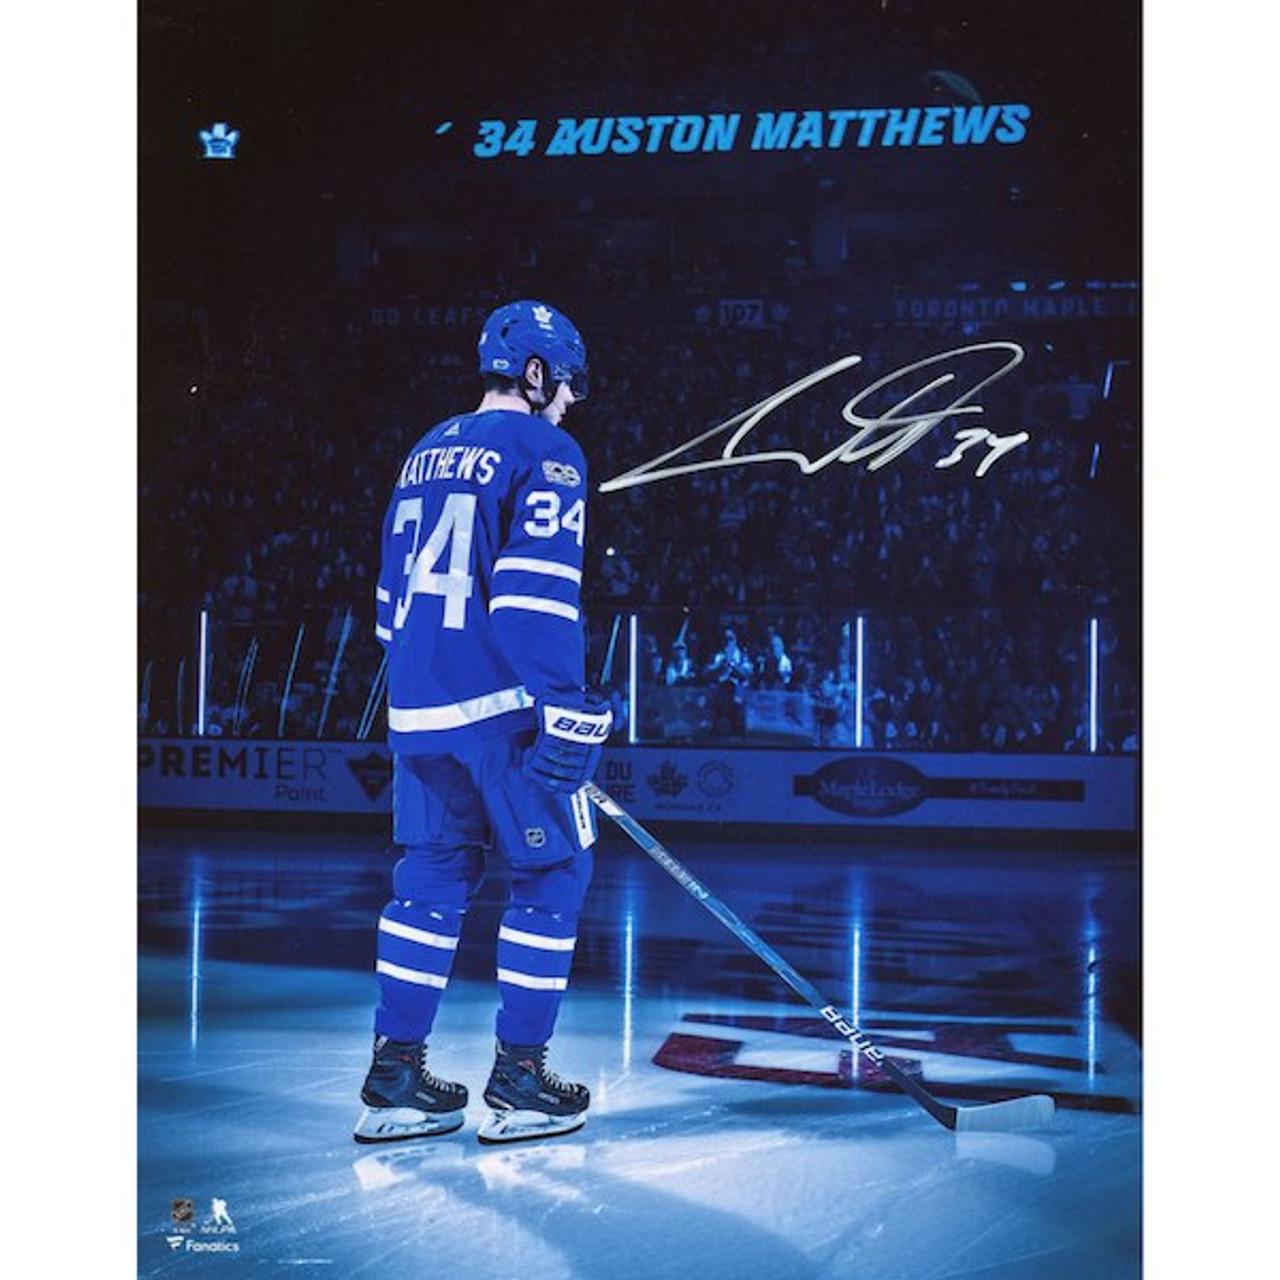 the best attitude d4c28 0132d Auston Matthews Toronto Maple Leafs Autographed Introduction 8x10 Photo